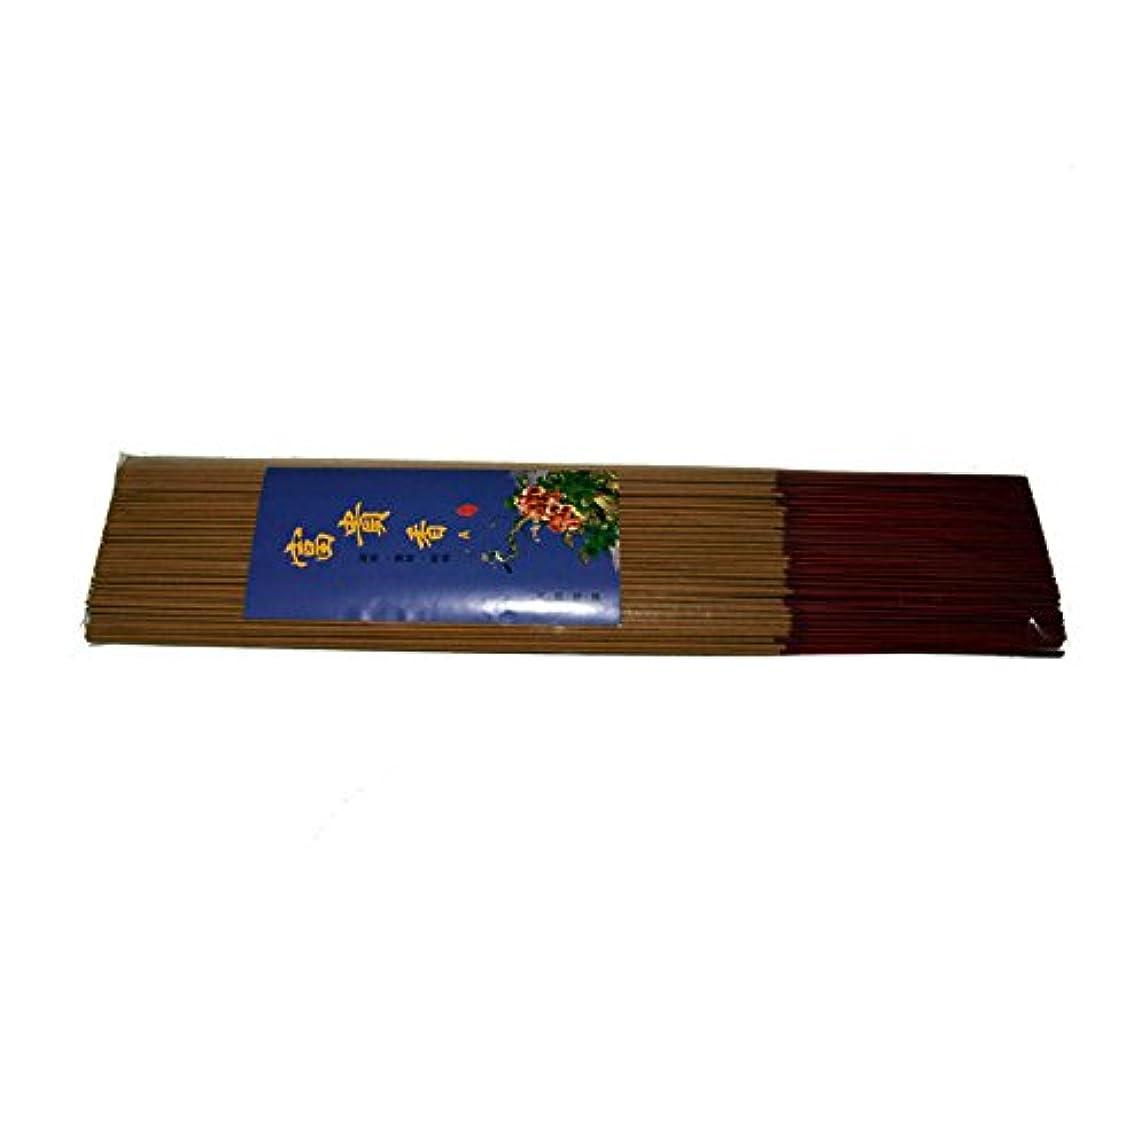 フィドル信条お祝い天然仏香; ビャクダン; きゃら;じんこう;線香;神具; 仏具; 一护の健康; マッサージを缓める; あん摩する